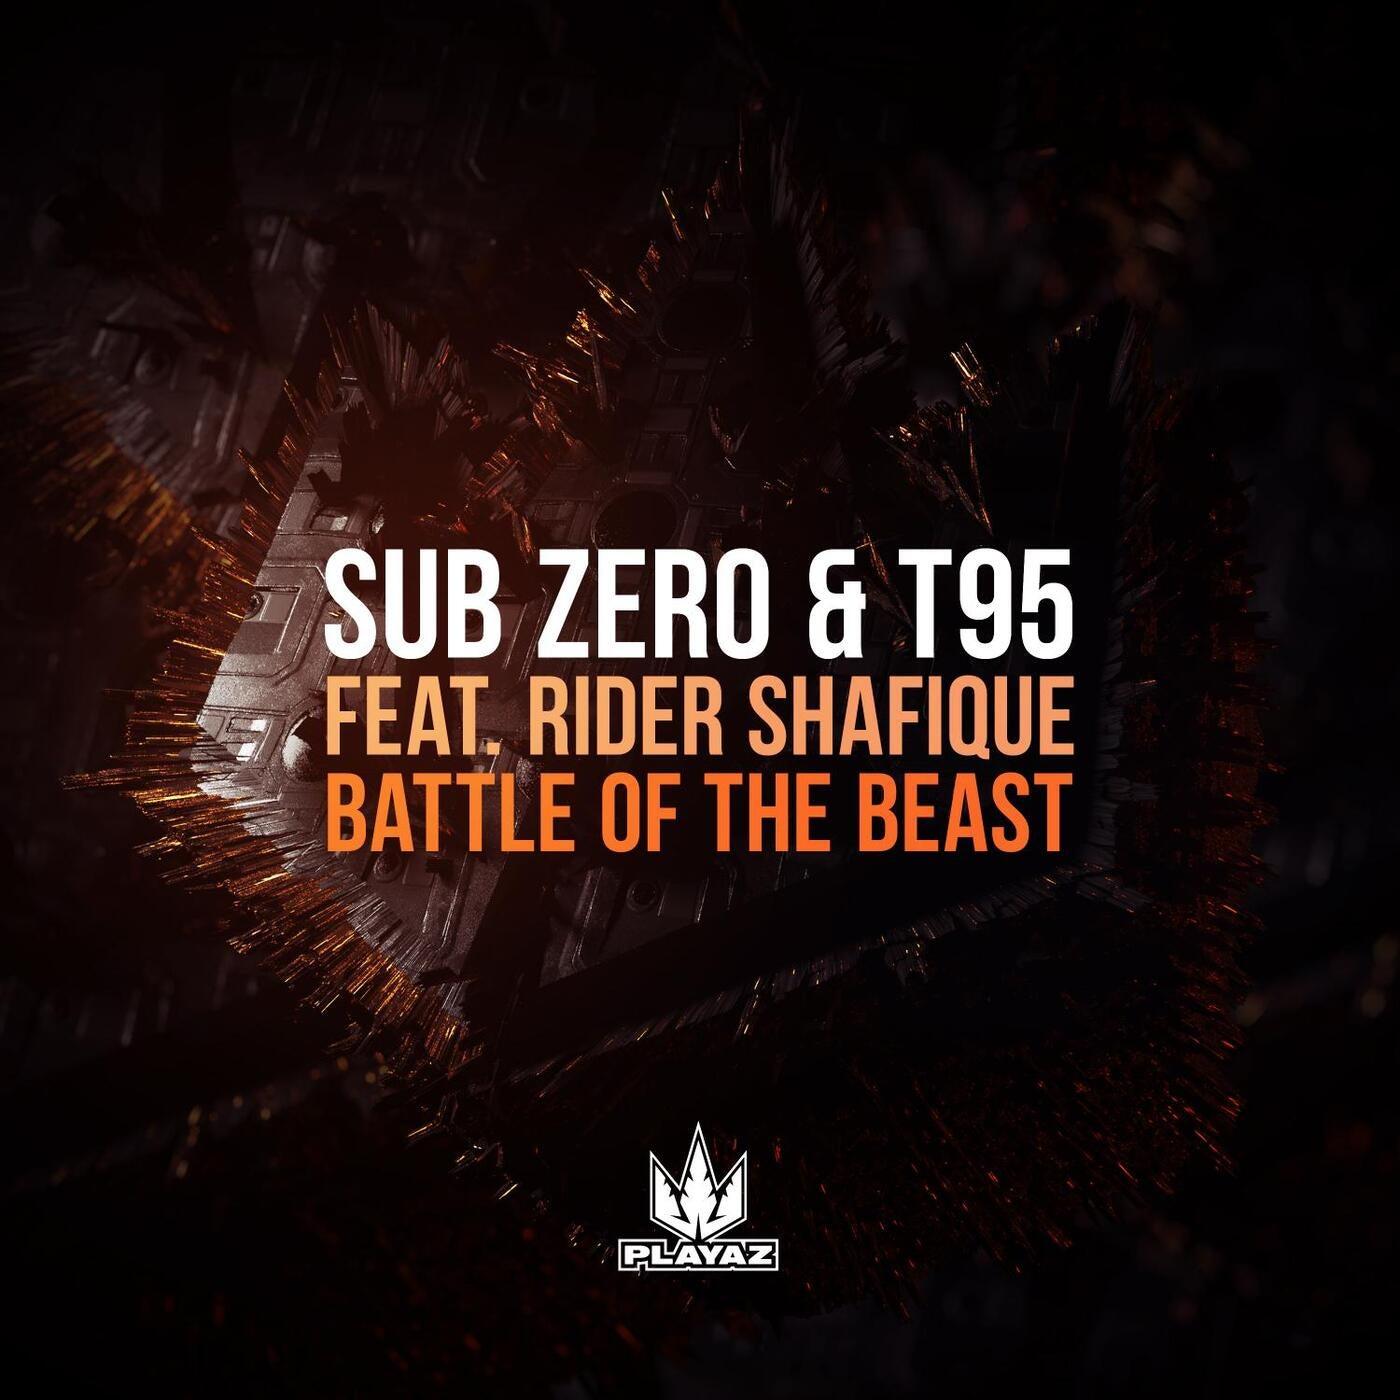 Battle of the Beast (Original Mix)